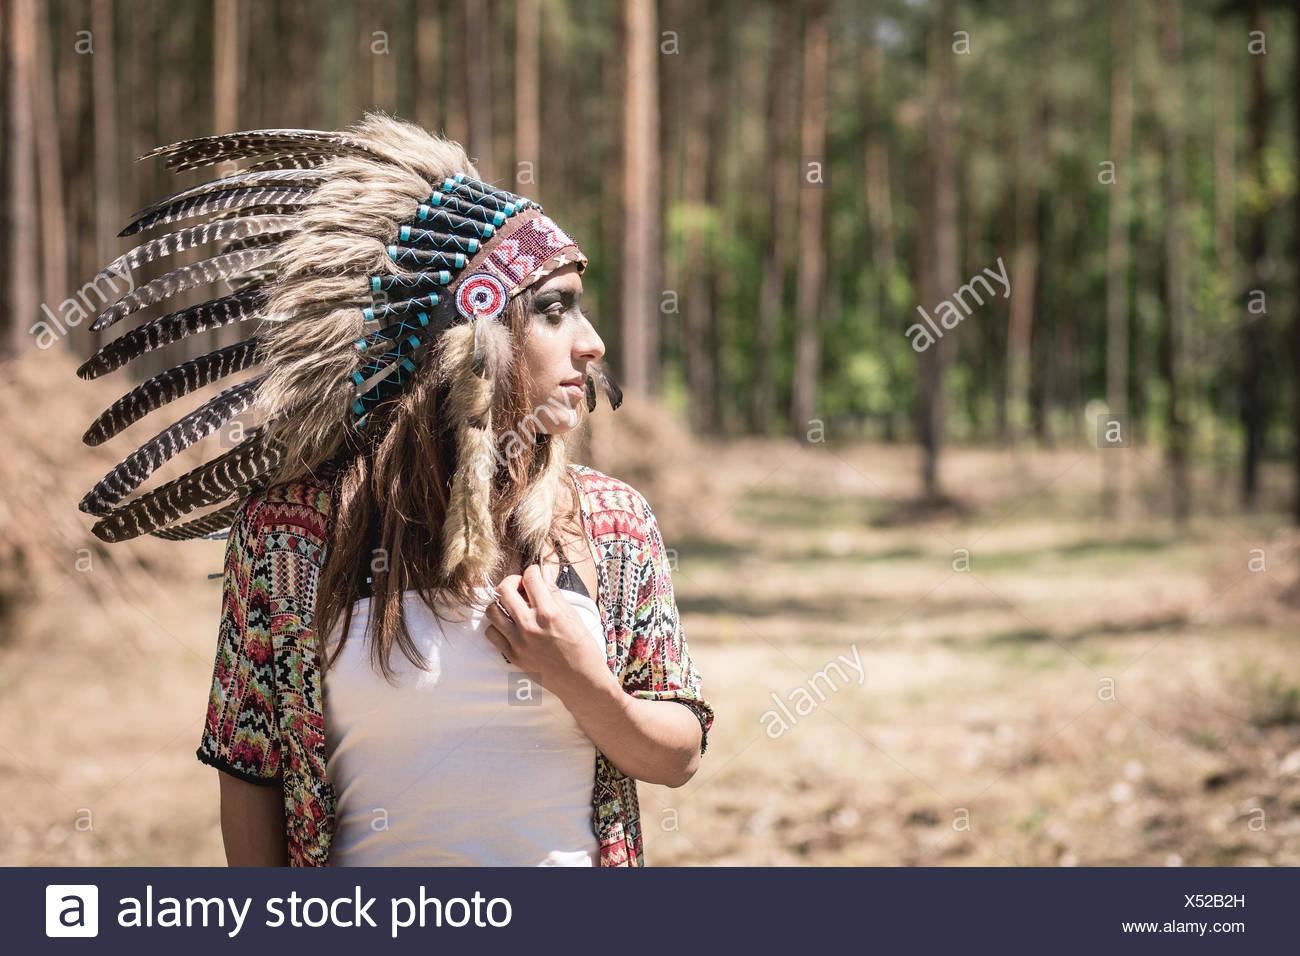 Giovane donna mascherata come un Indiano nel bosco Immagini Stock